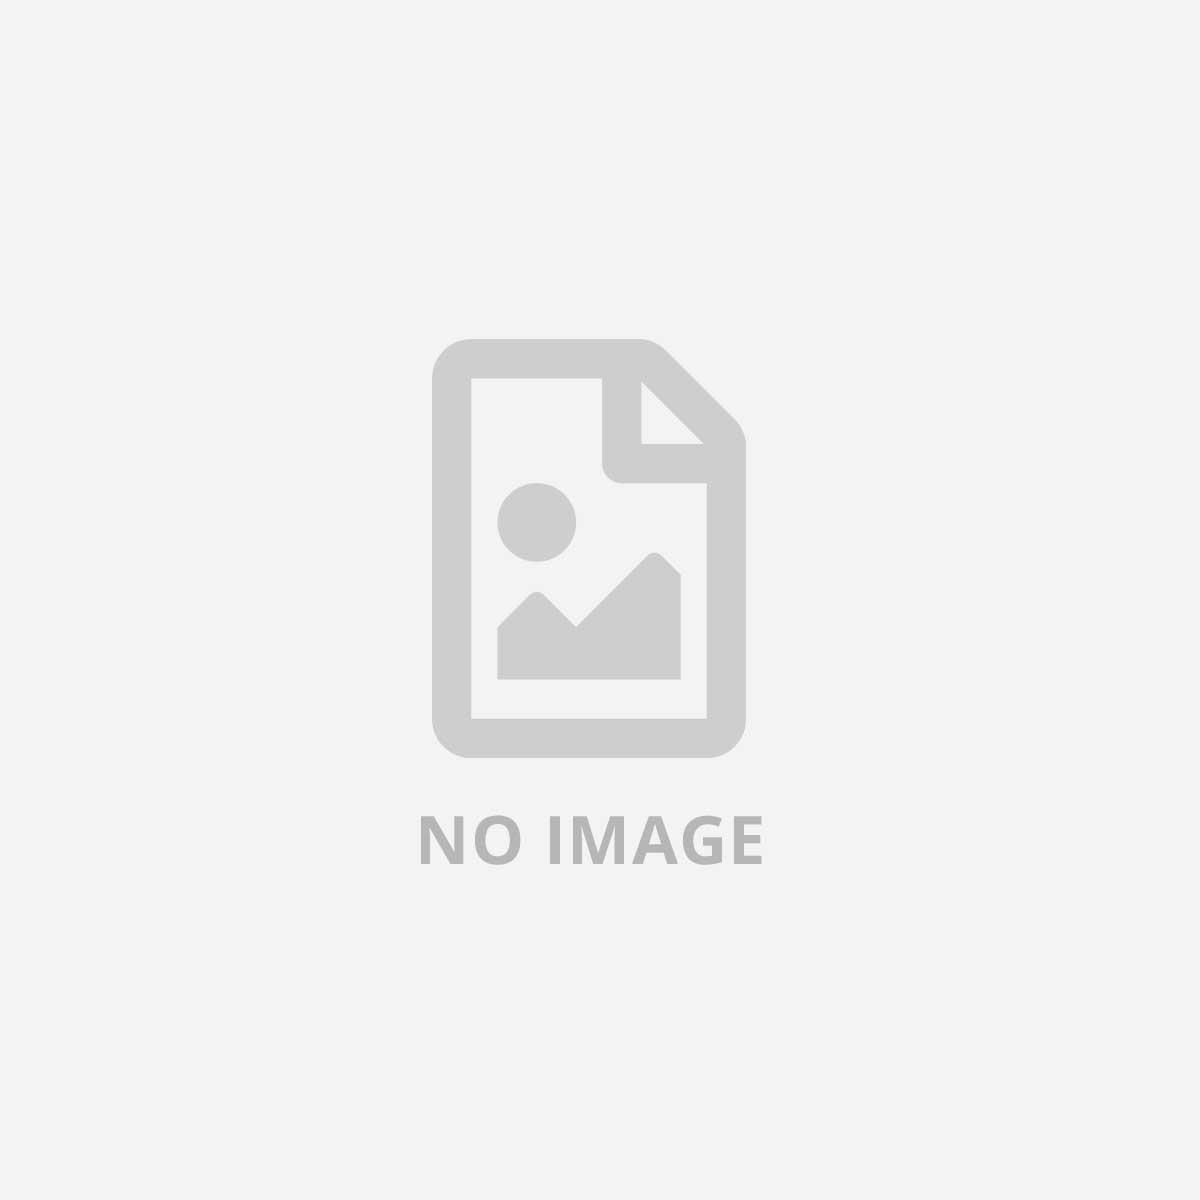 TARGUS 4 PORT USB 2.0 HUB